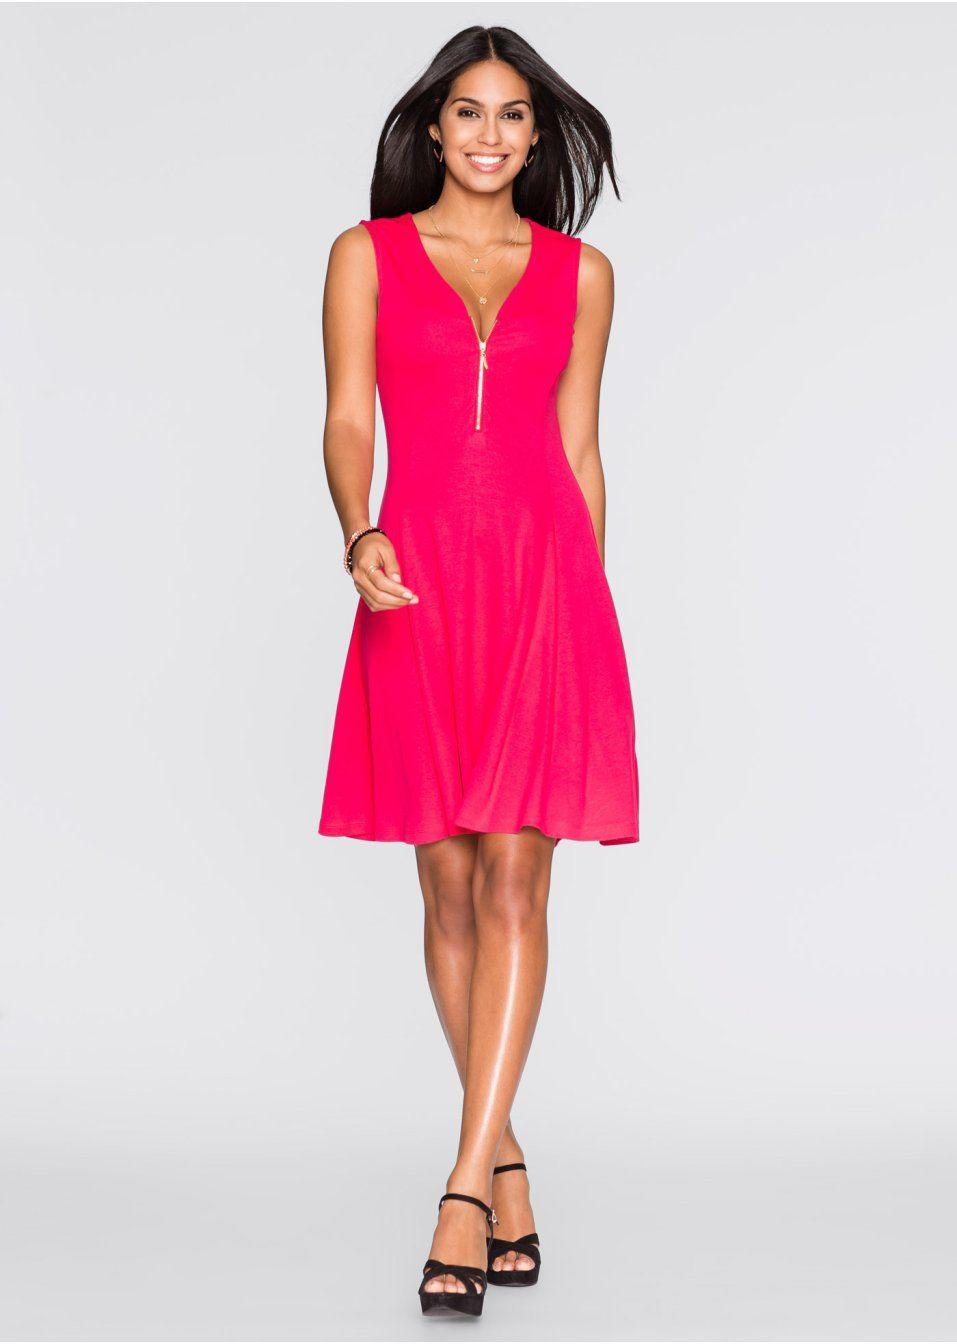 Šaty Šaty značky BODYFLIRT sú absolútne • 27.99 € • bonprix  8463974a07